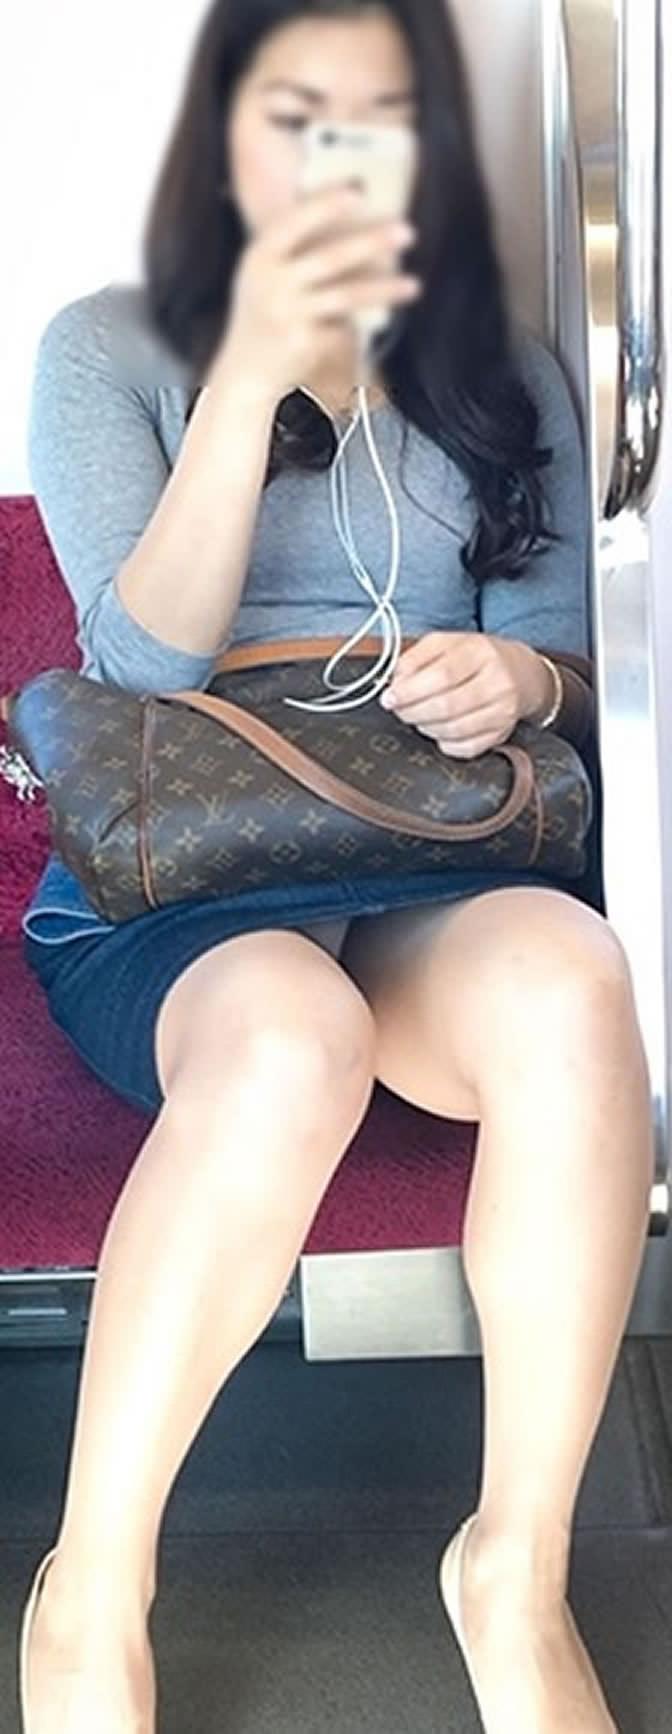 成熟した大人のお姉さんのパンティwww電車で隠し撮りされたパンチラ画像www 2703